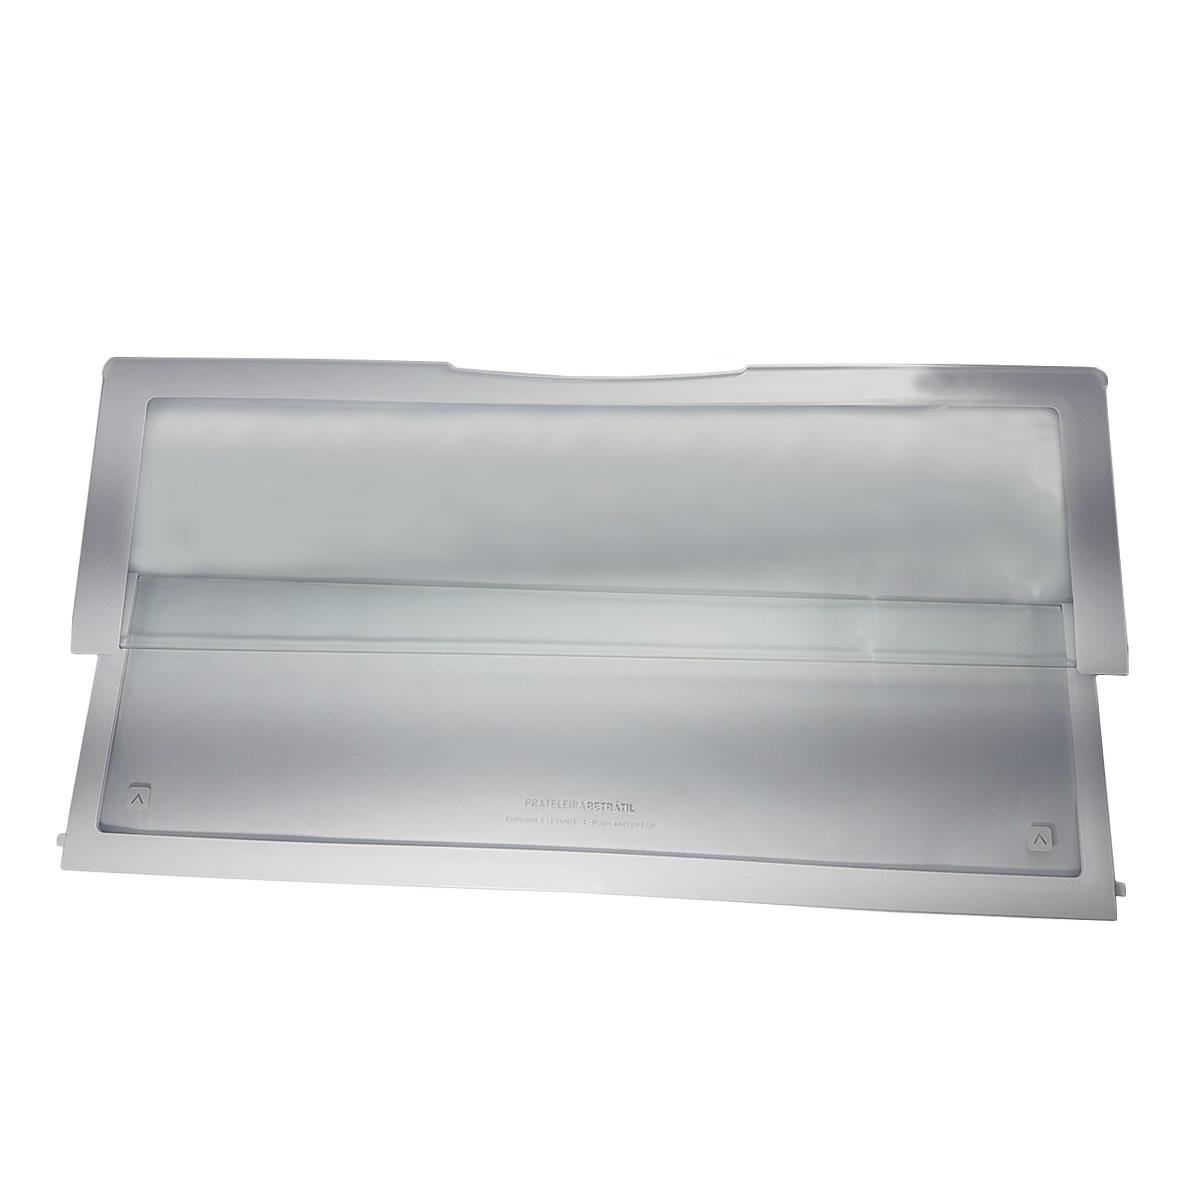 Prateleira Retrátil Refrigerador Electrolux - 70003990